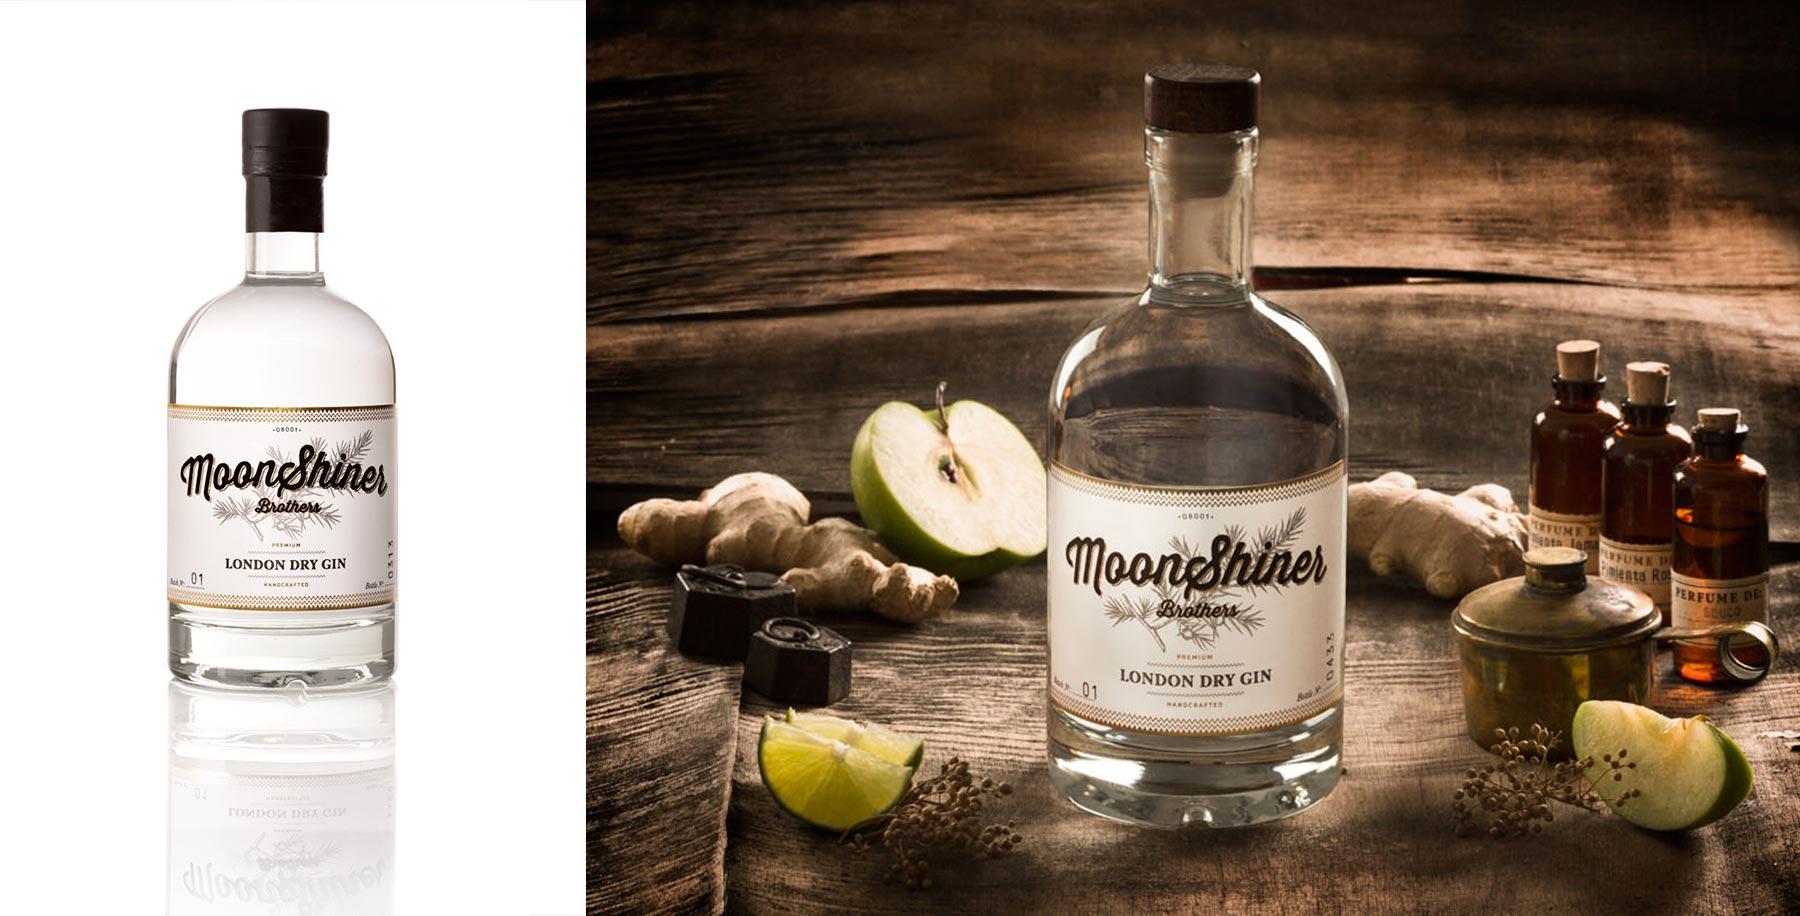 fotografía publicitaria para el gin moonshiner